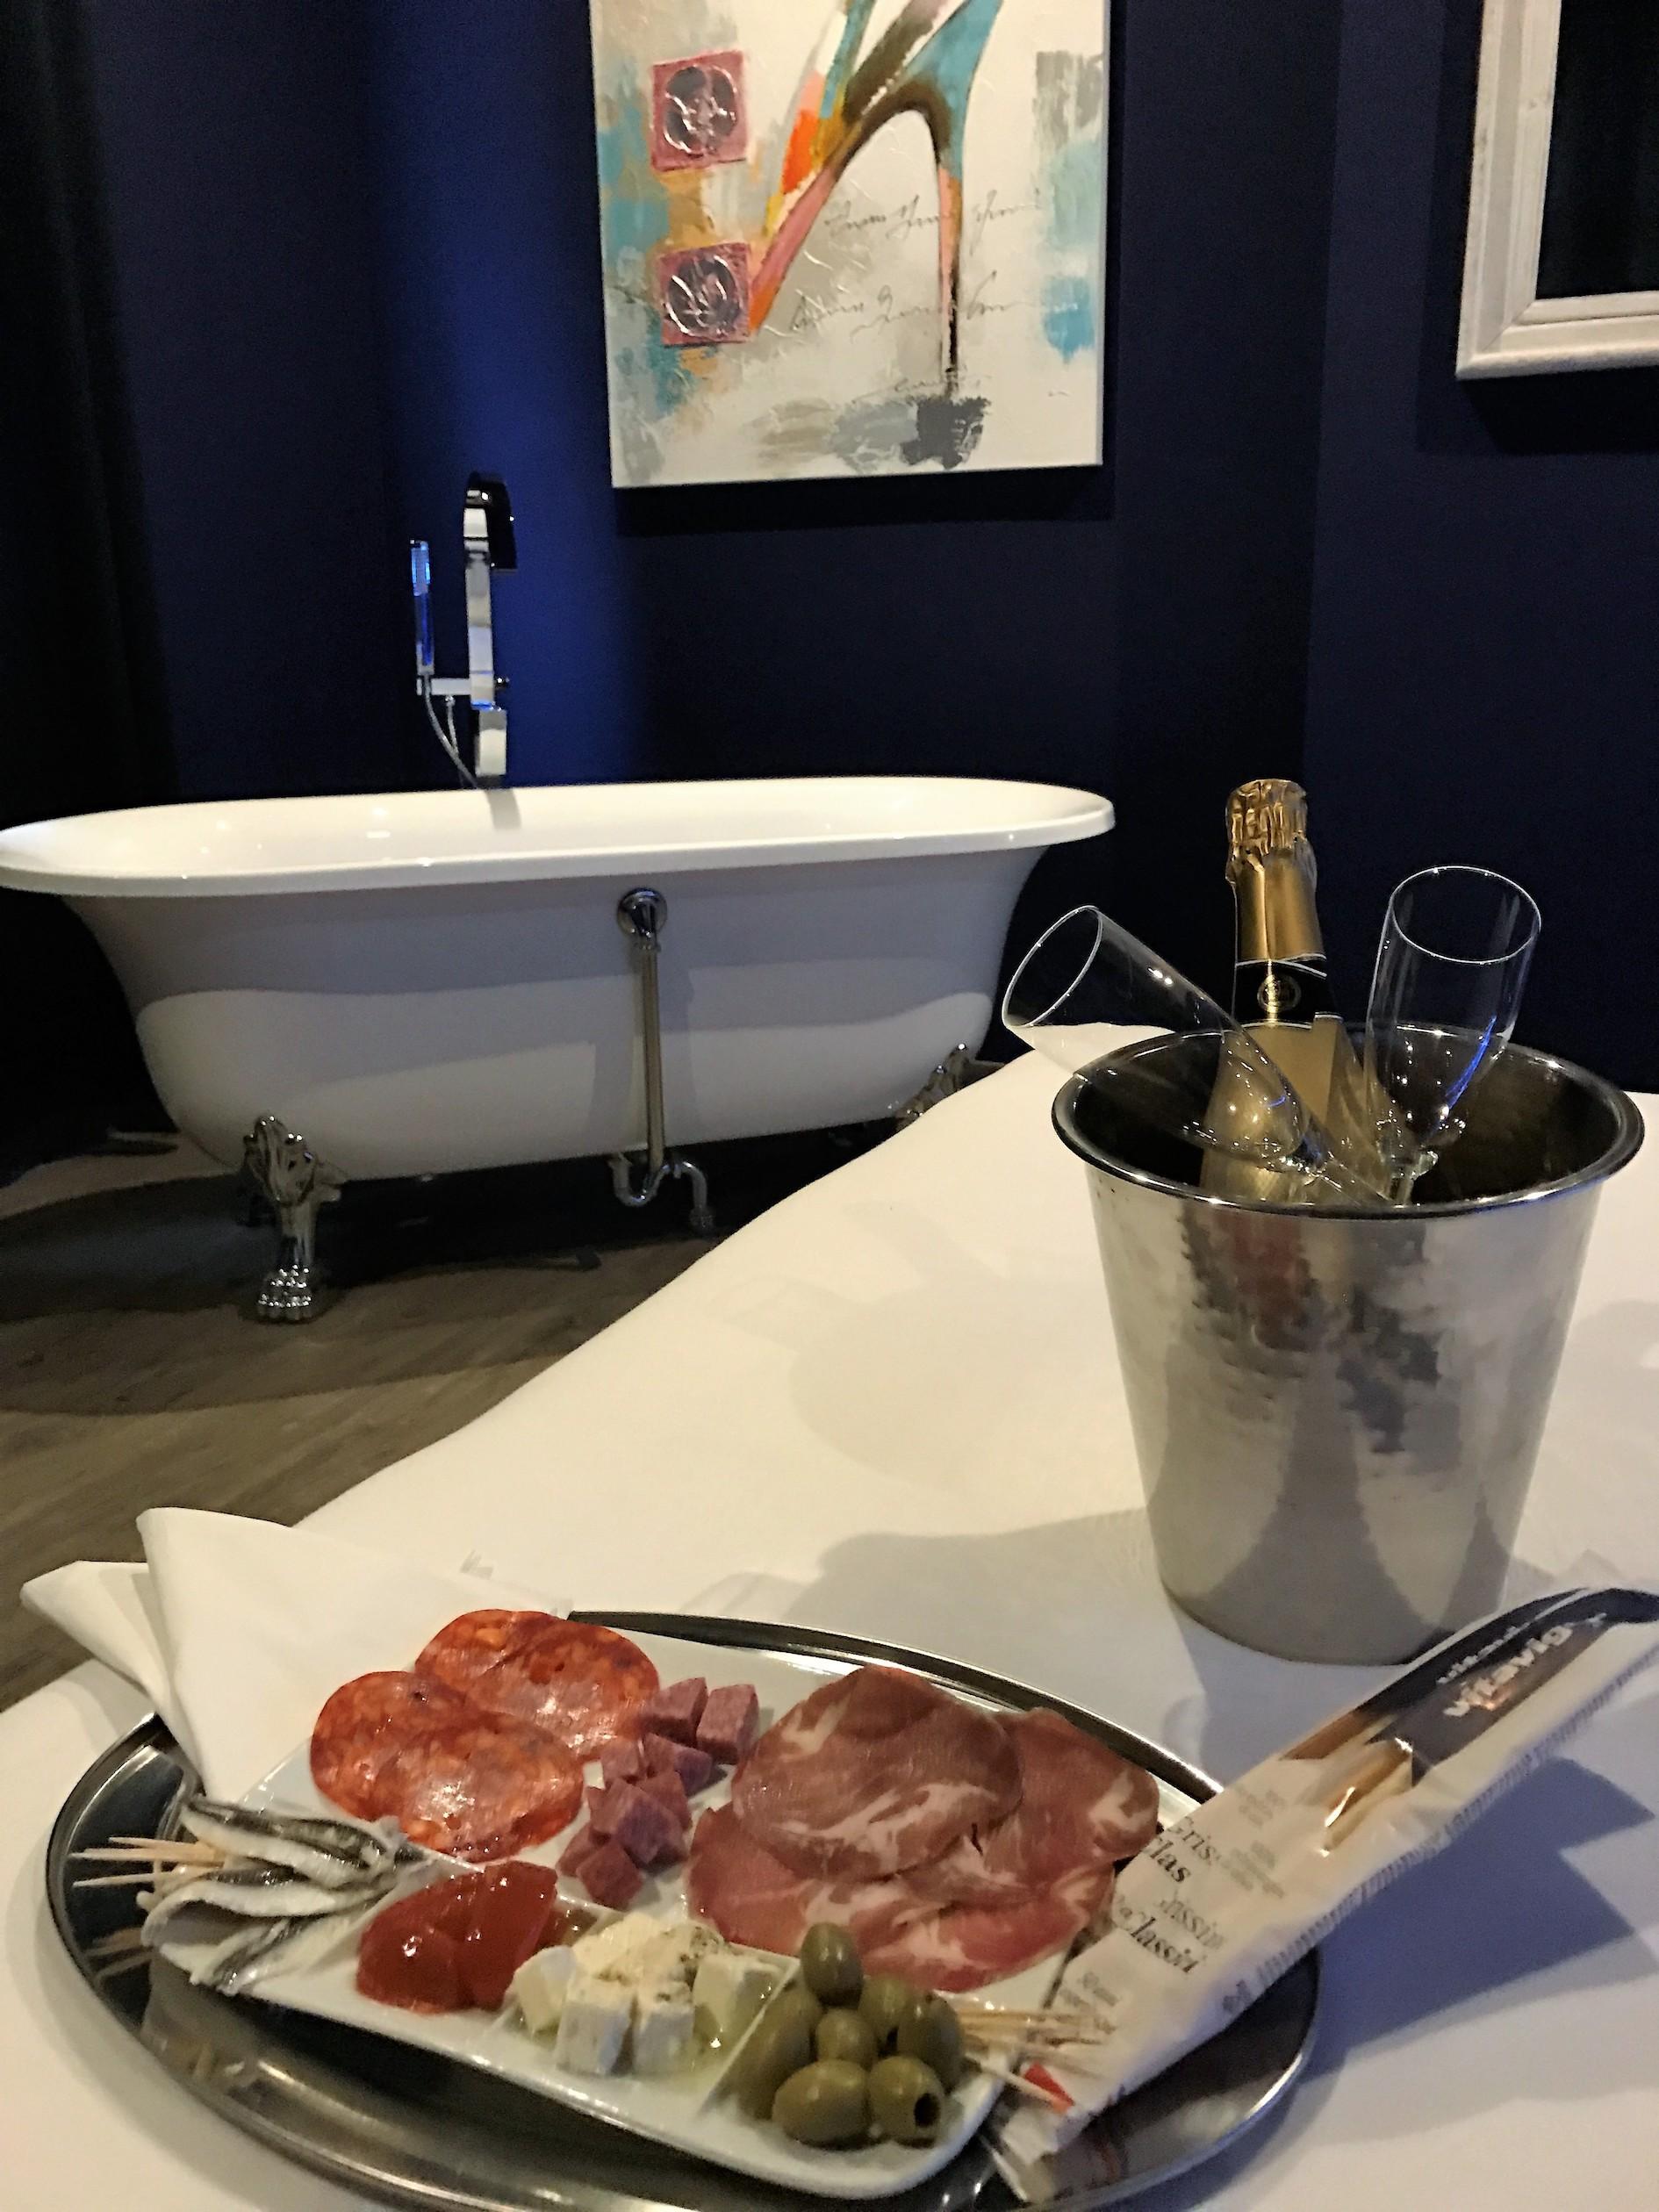 지바 (Ziva), 벨기에의 호화로운 단기 체류 호텔